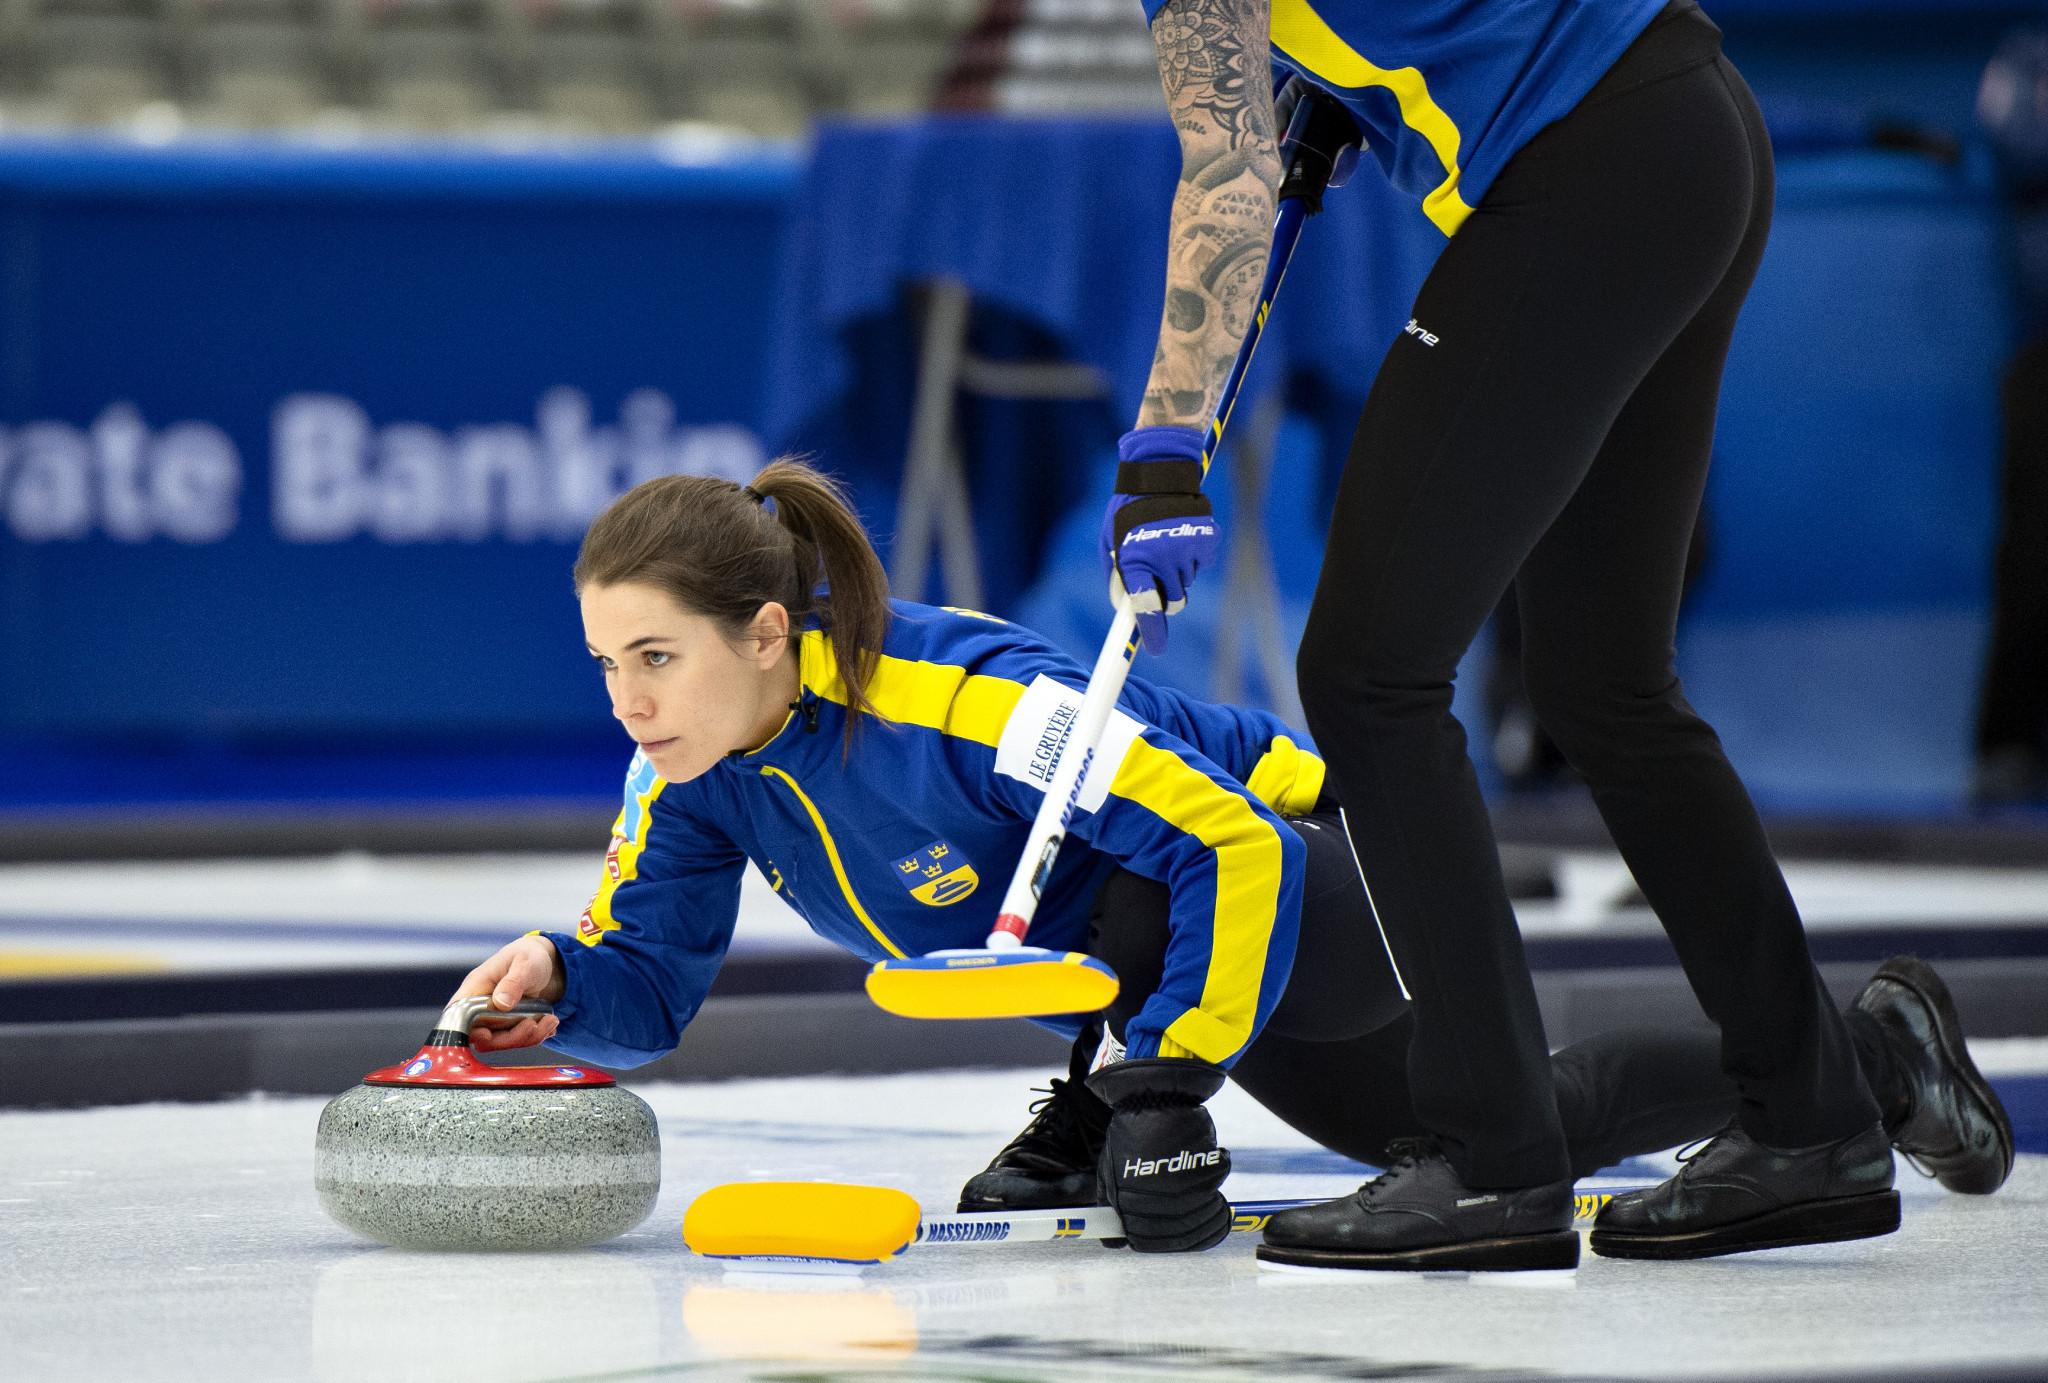 BKT Tires named presenting sponsor for 2021 World Women's Curling Championship